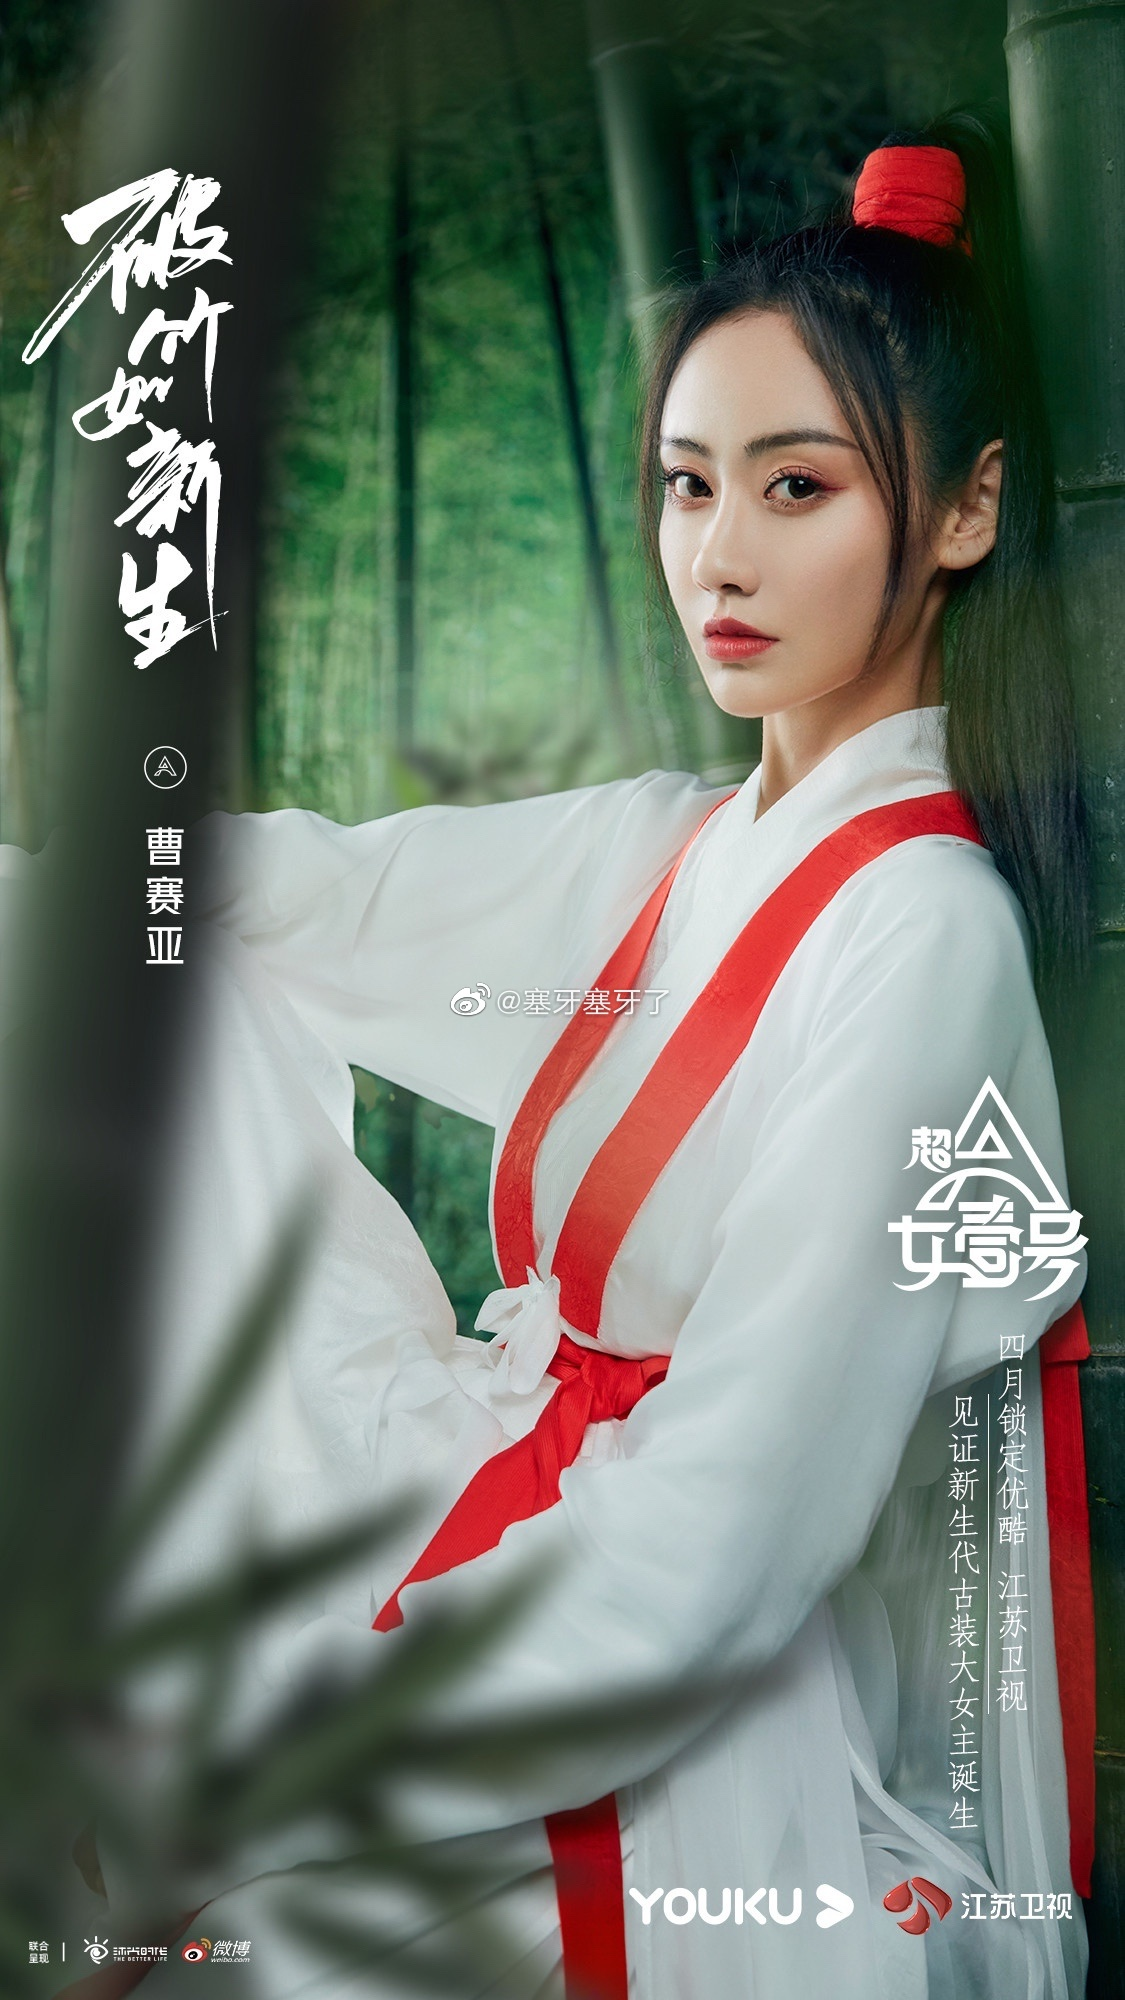 《我是女演员》收官 曹赛亚表演获好评未来可期